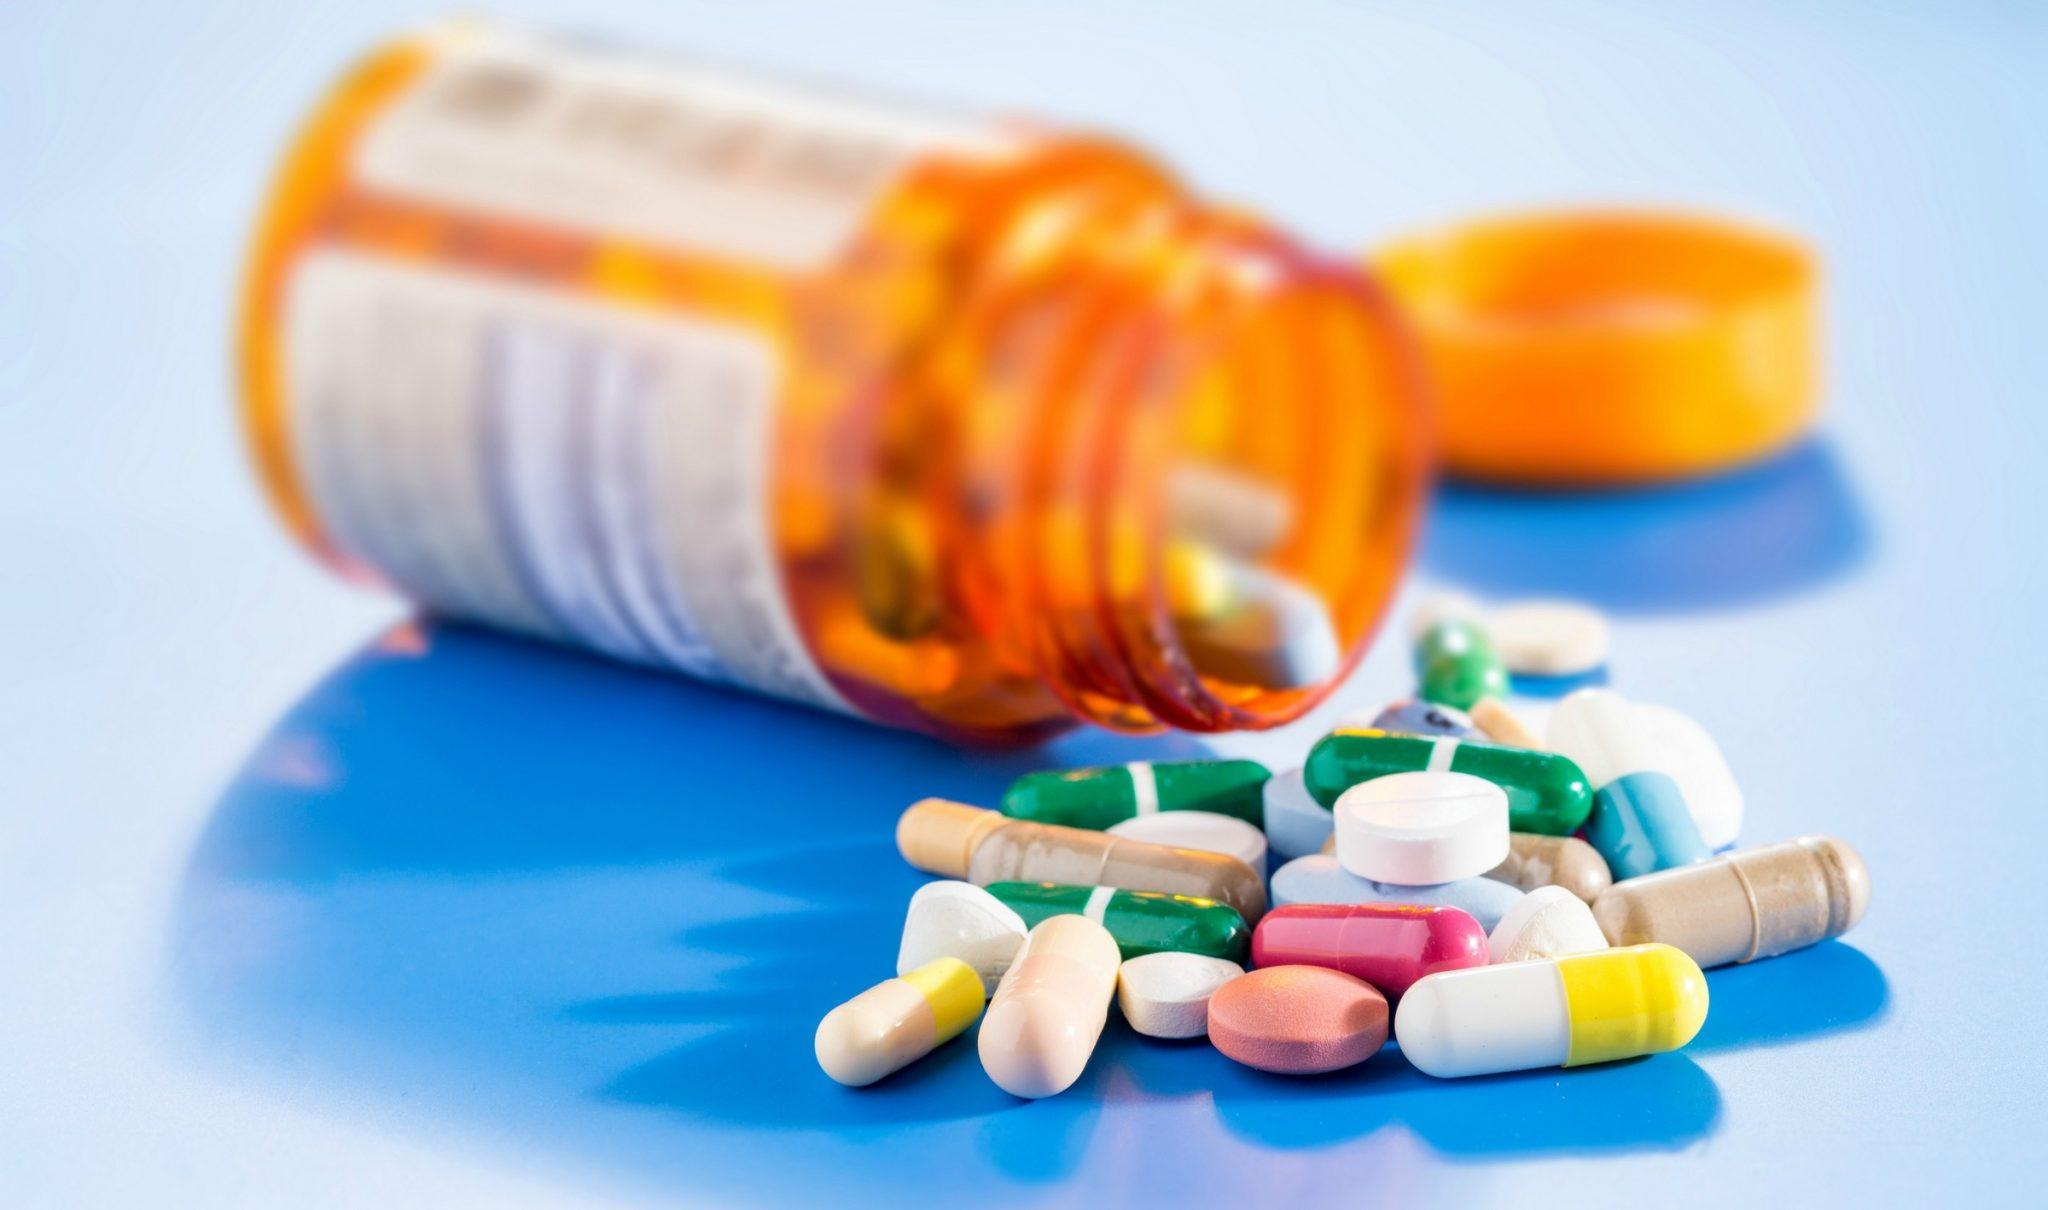 O STF definiu que o ISSQN incidirá sobre as operações realizadas por farmácias de manipulação que envolvam medicamentos manipulados sob encomenda.